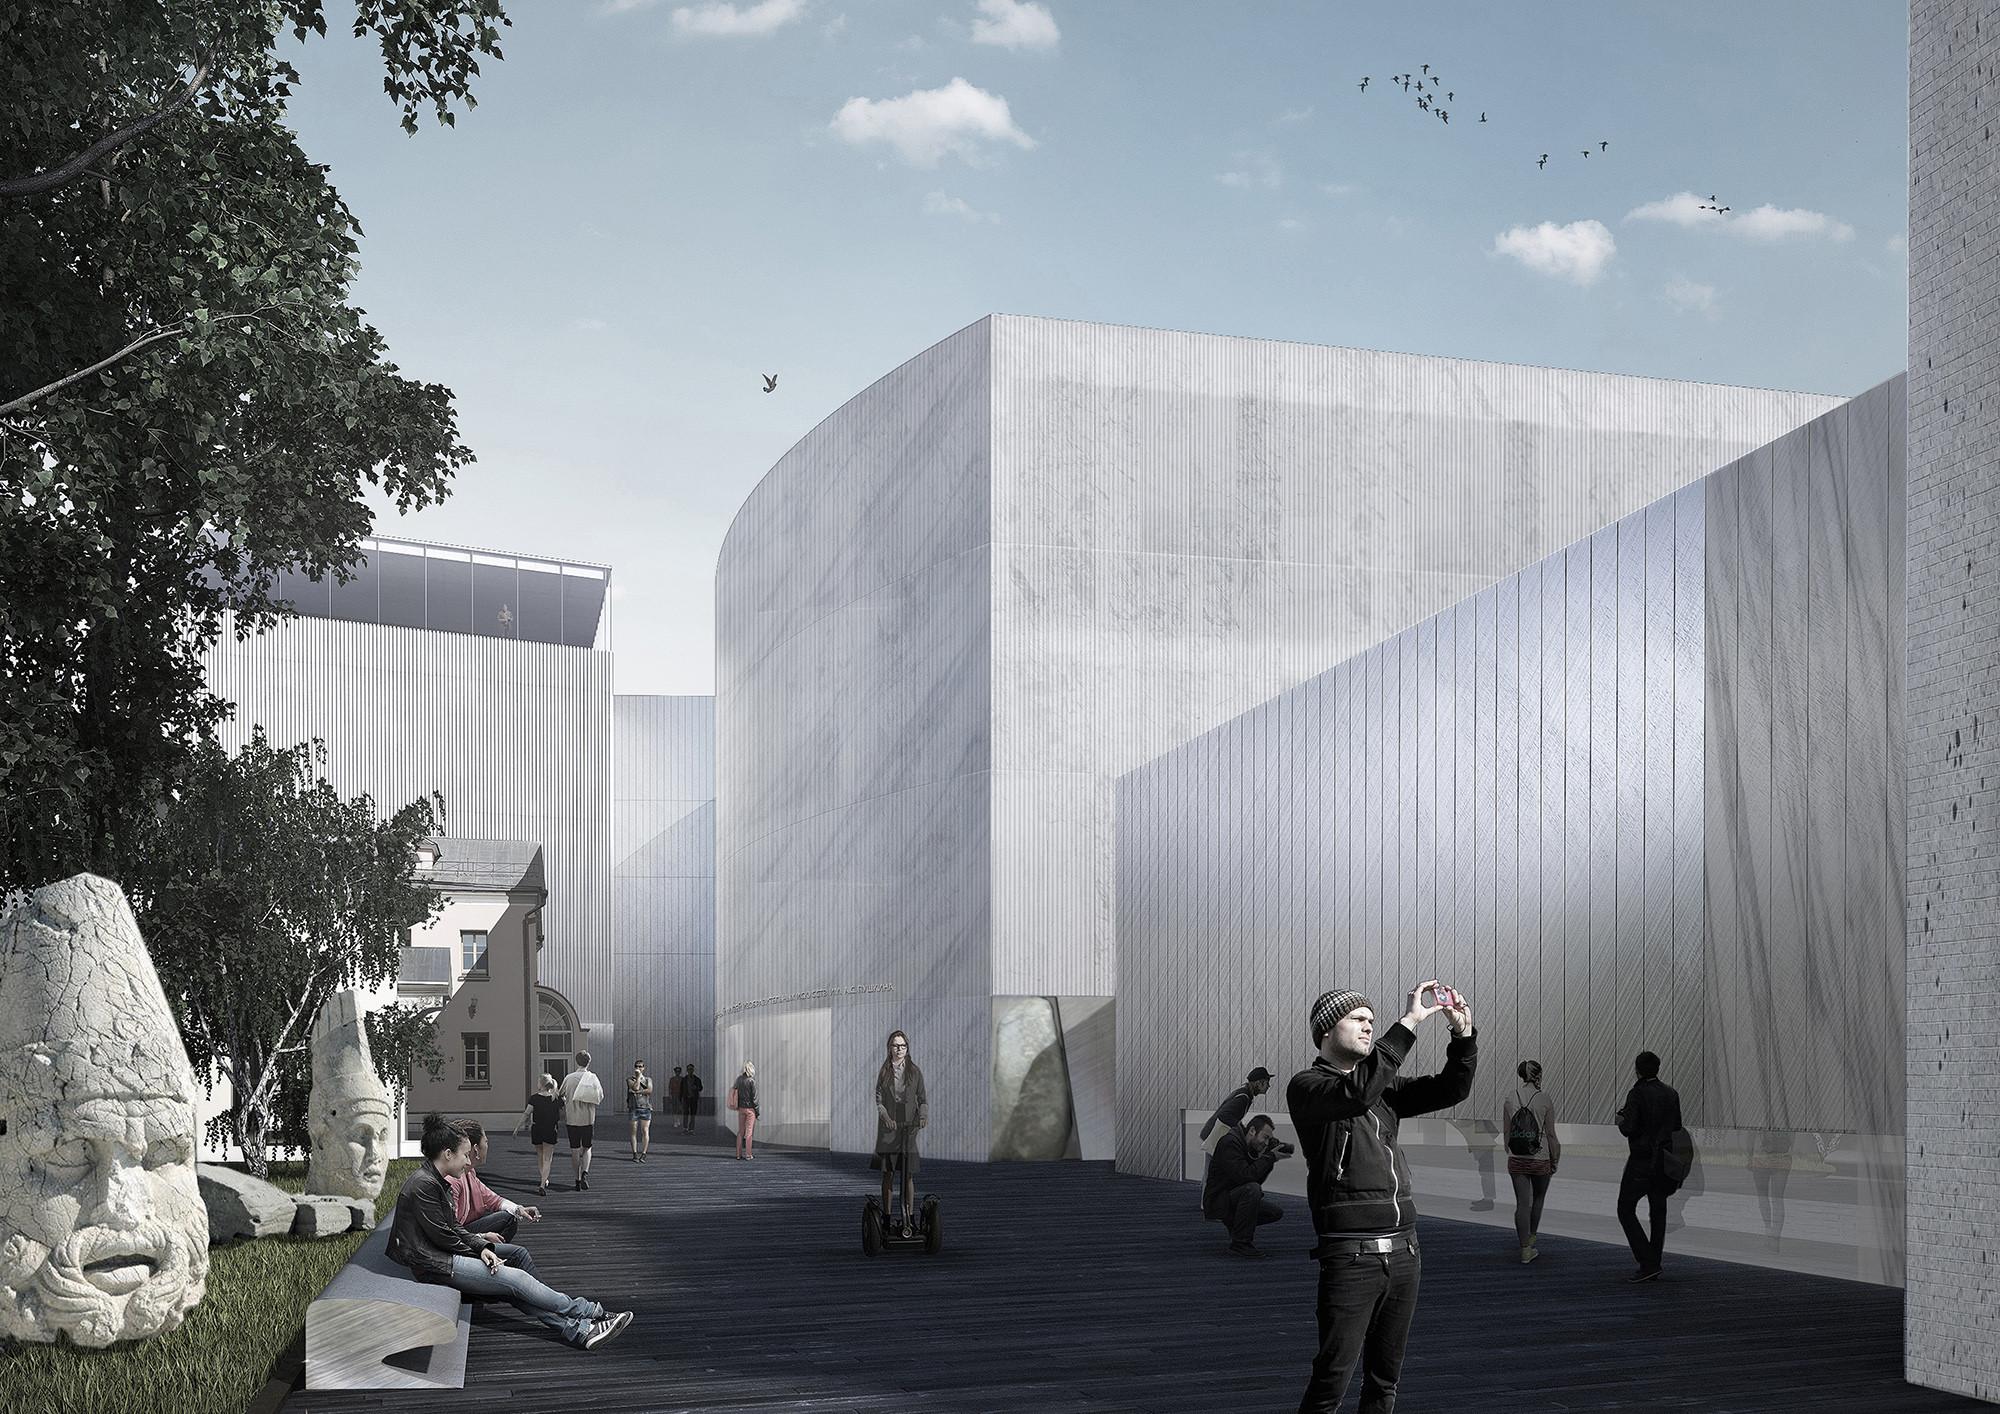 Escritório Project Meganom vence concurso para a remodelação do Pushkin Museum em Moscou, Cortesia de Project Meganom